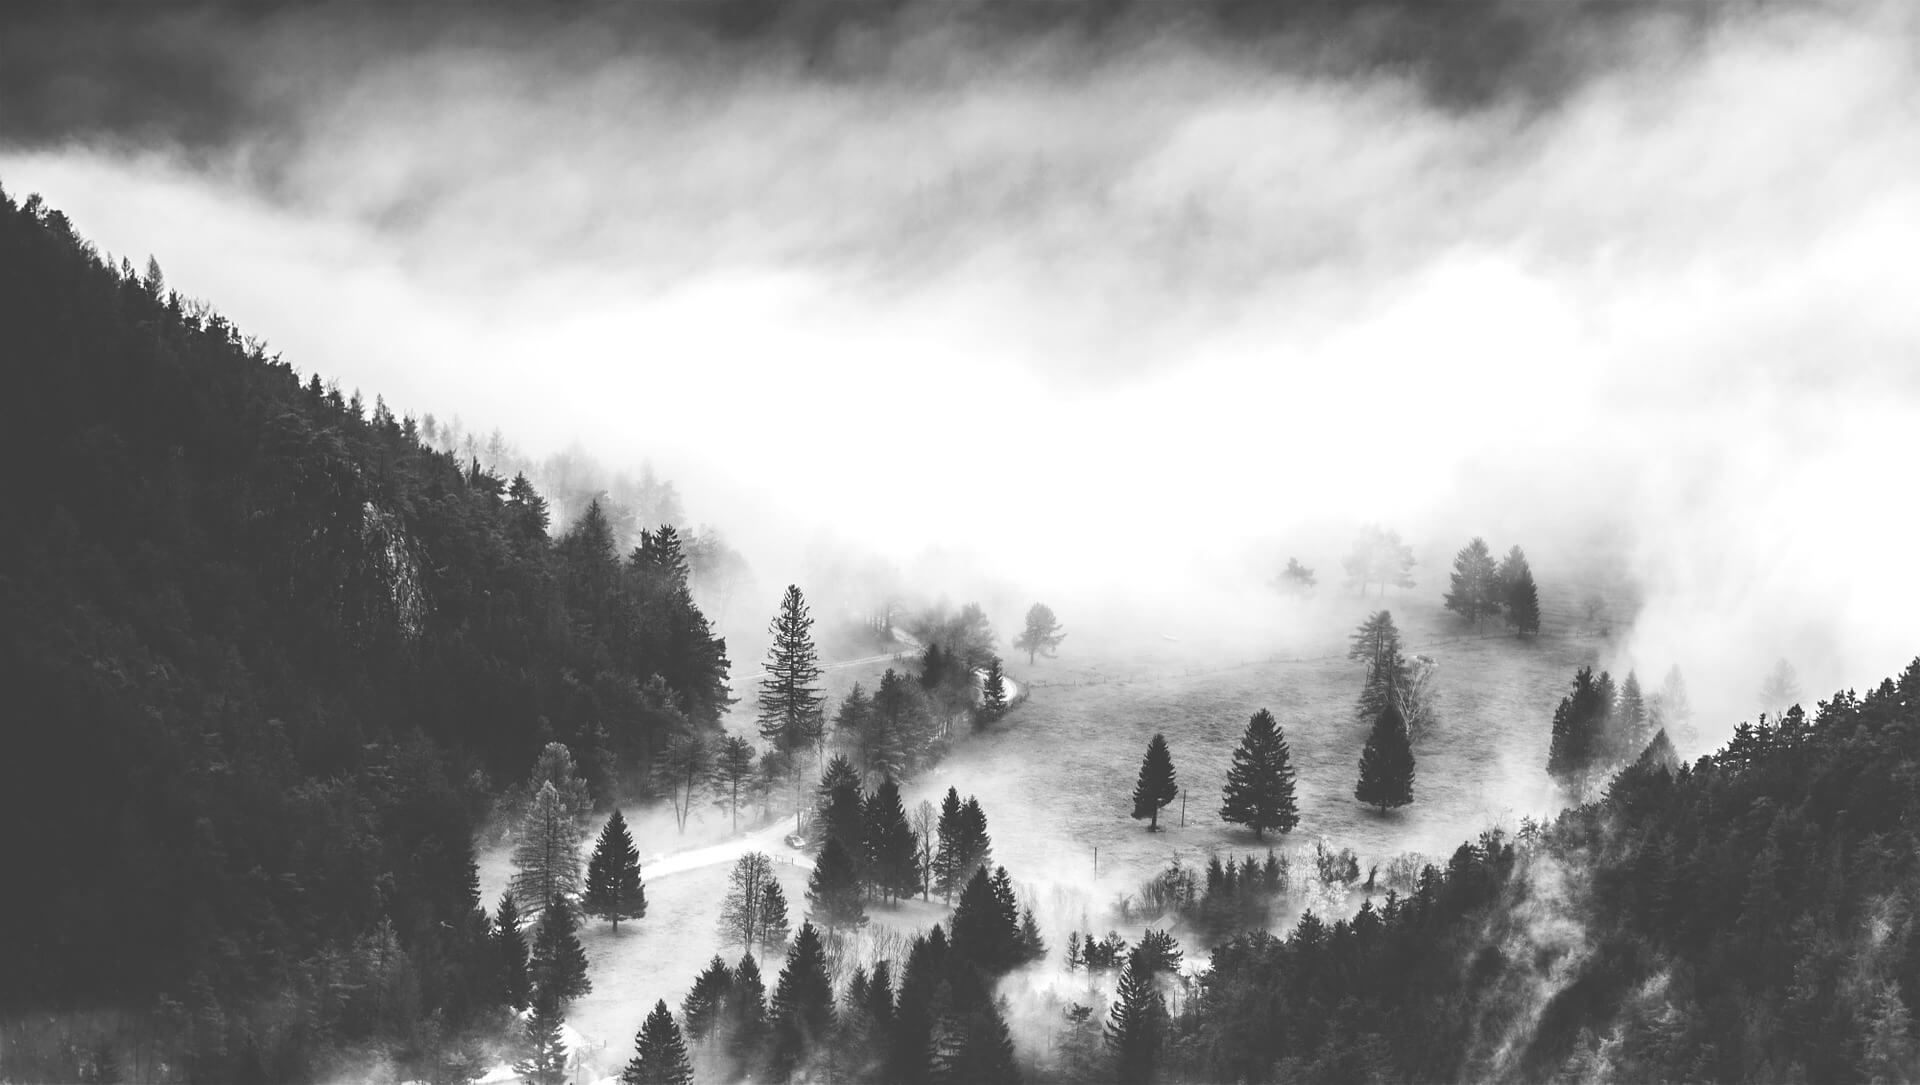 valley-828583_1920.jpg